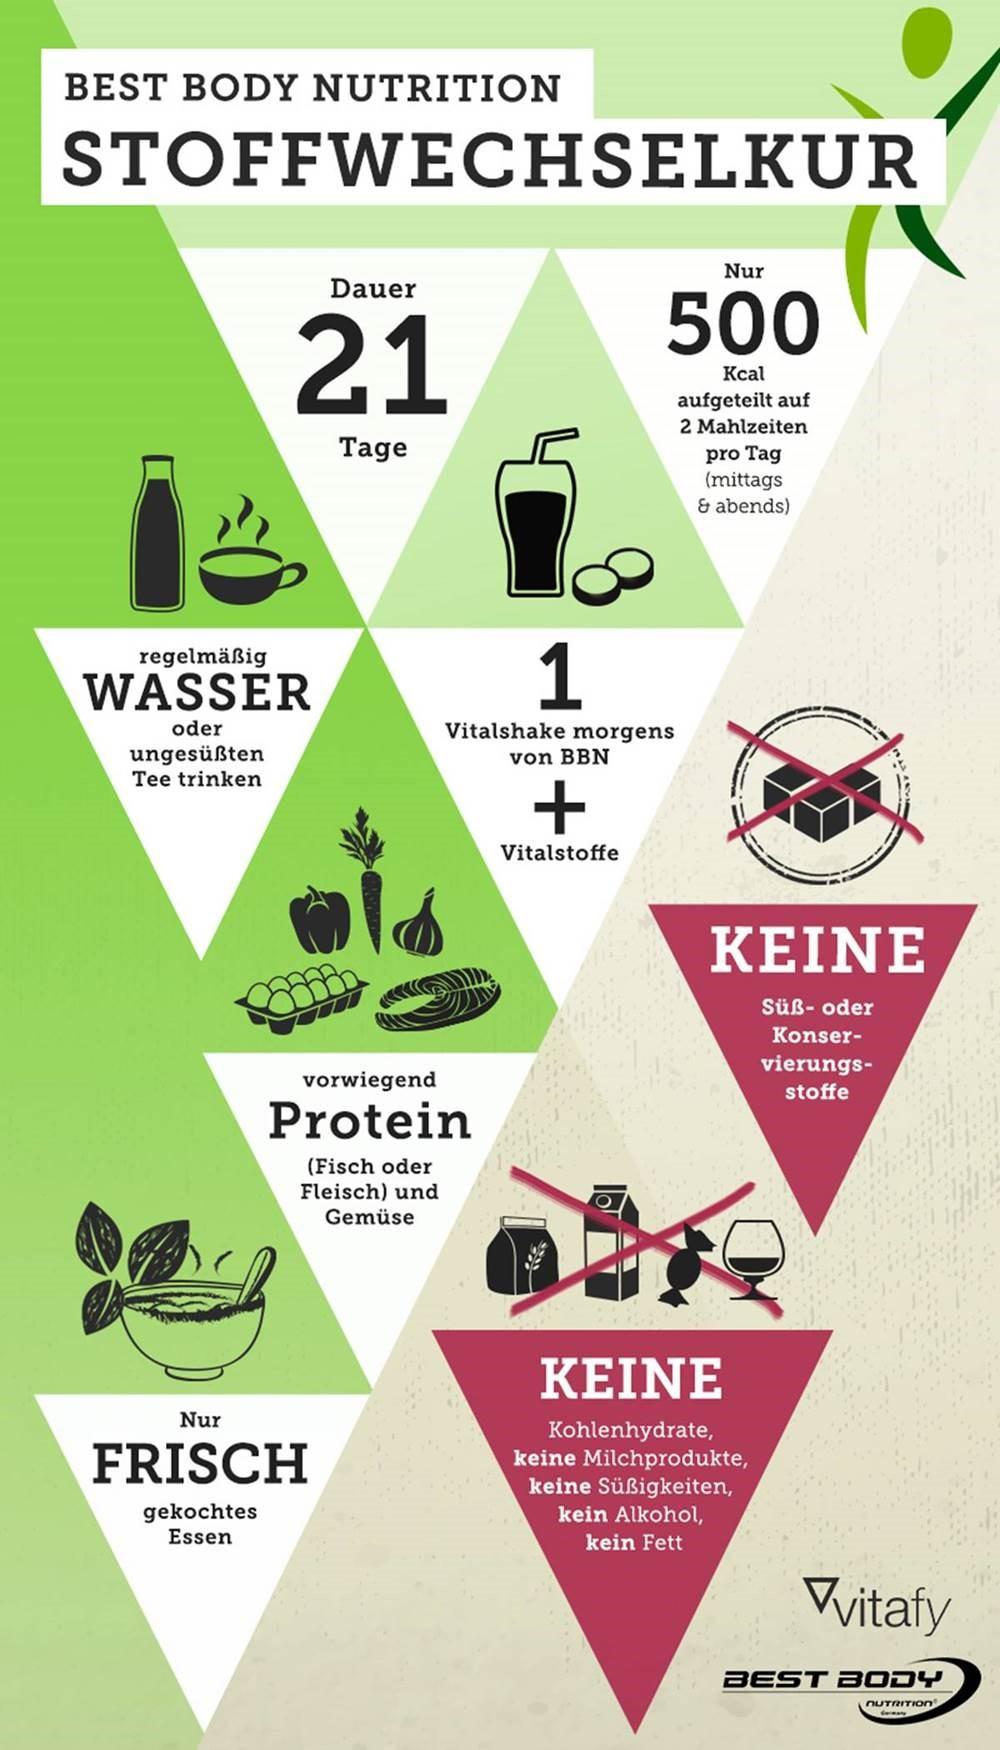 infographic stoffwechselkur